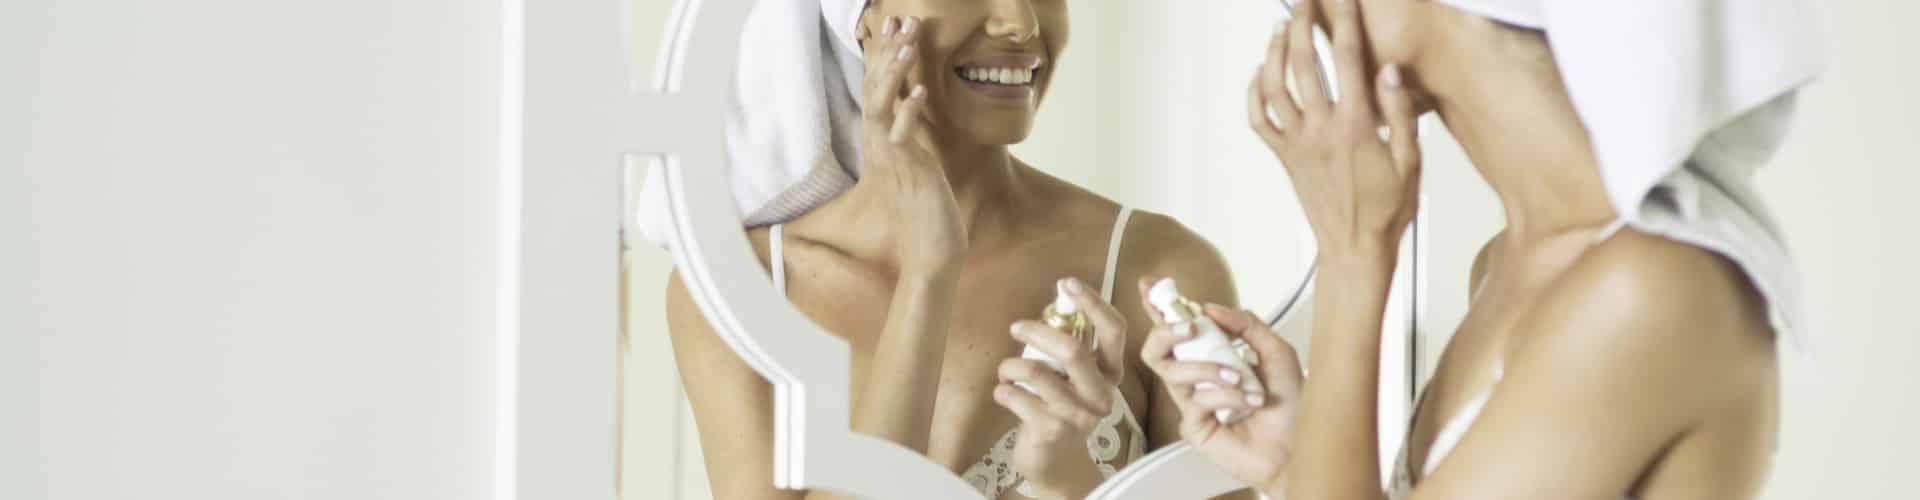 Hydratation Hiver : Au secours, ma peau a soif !